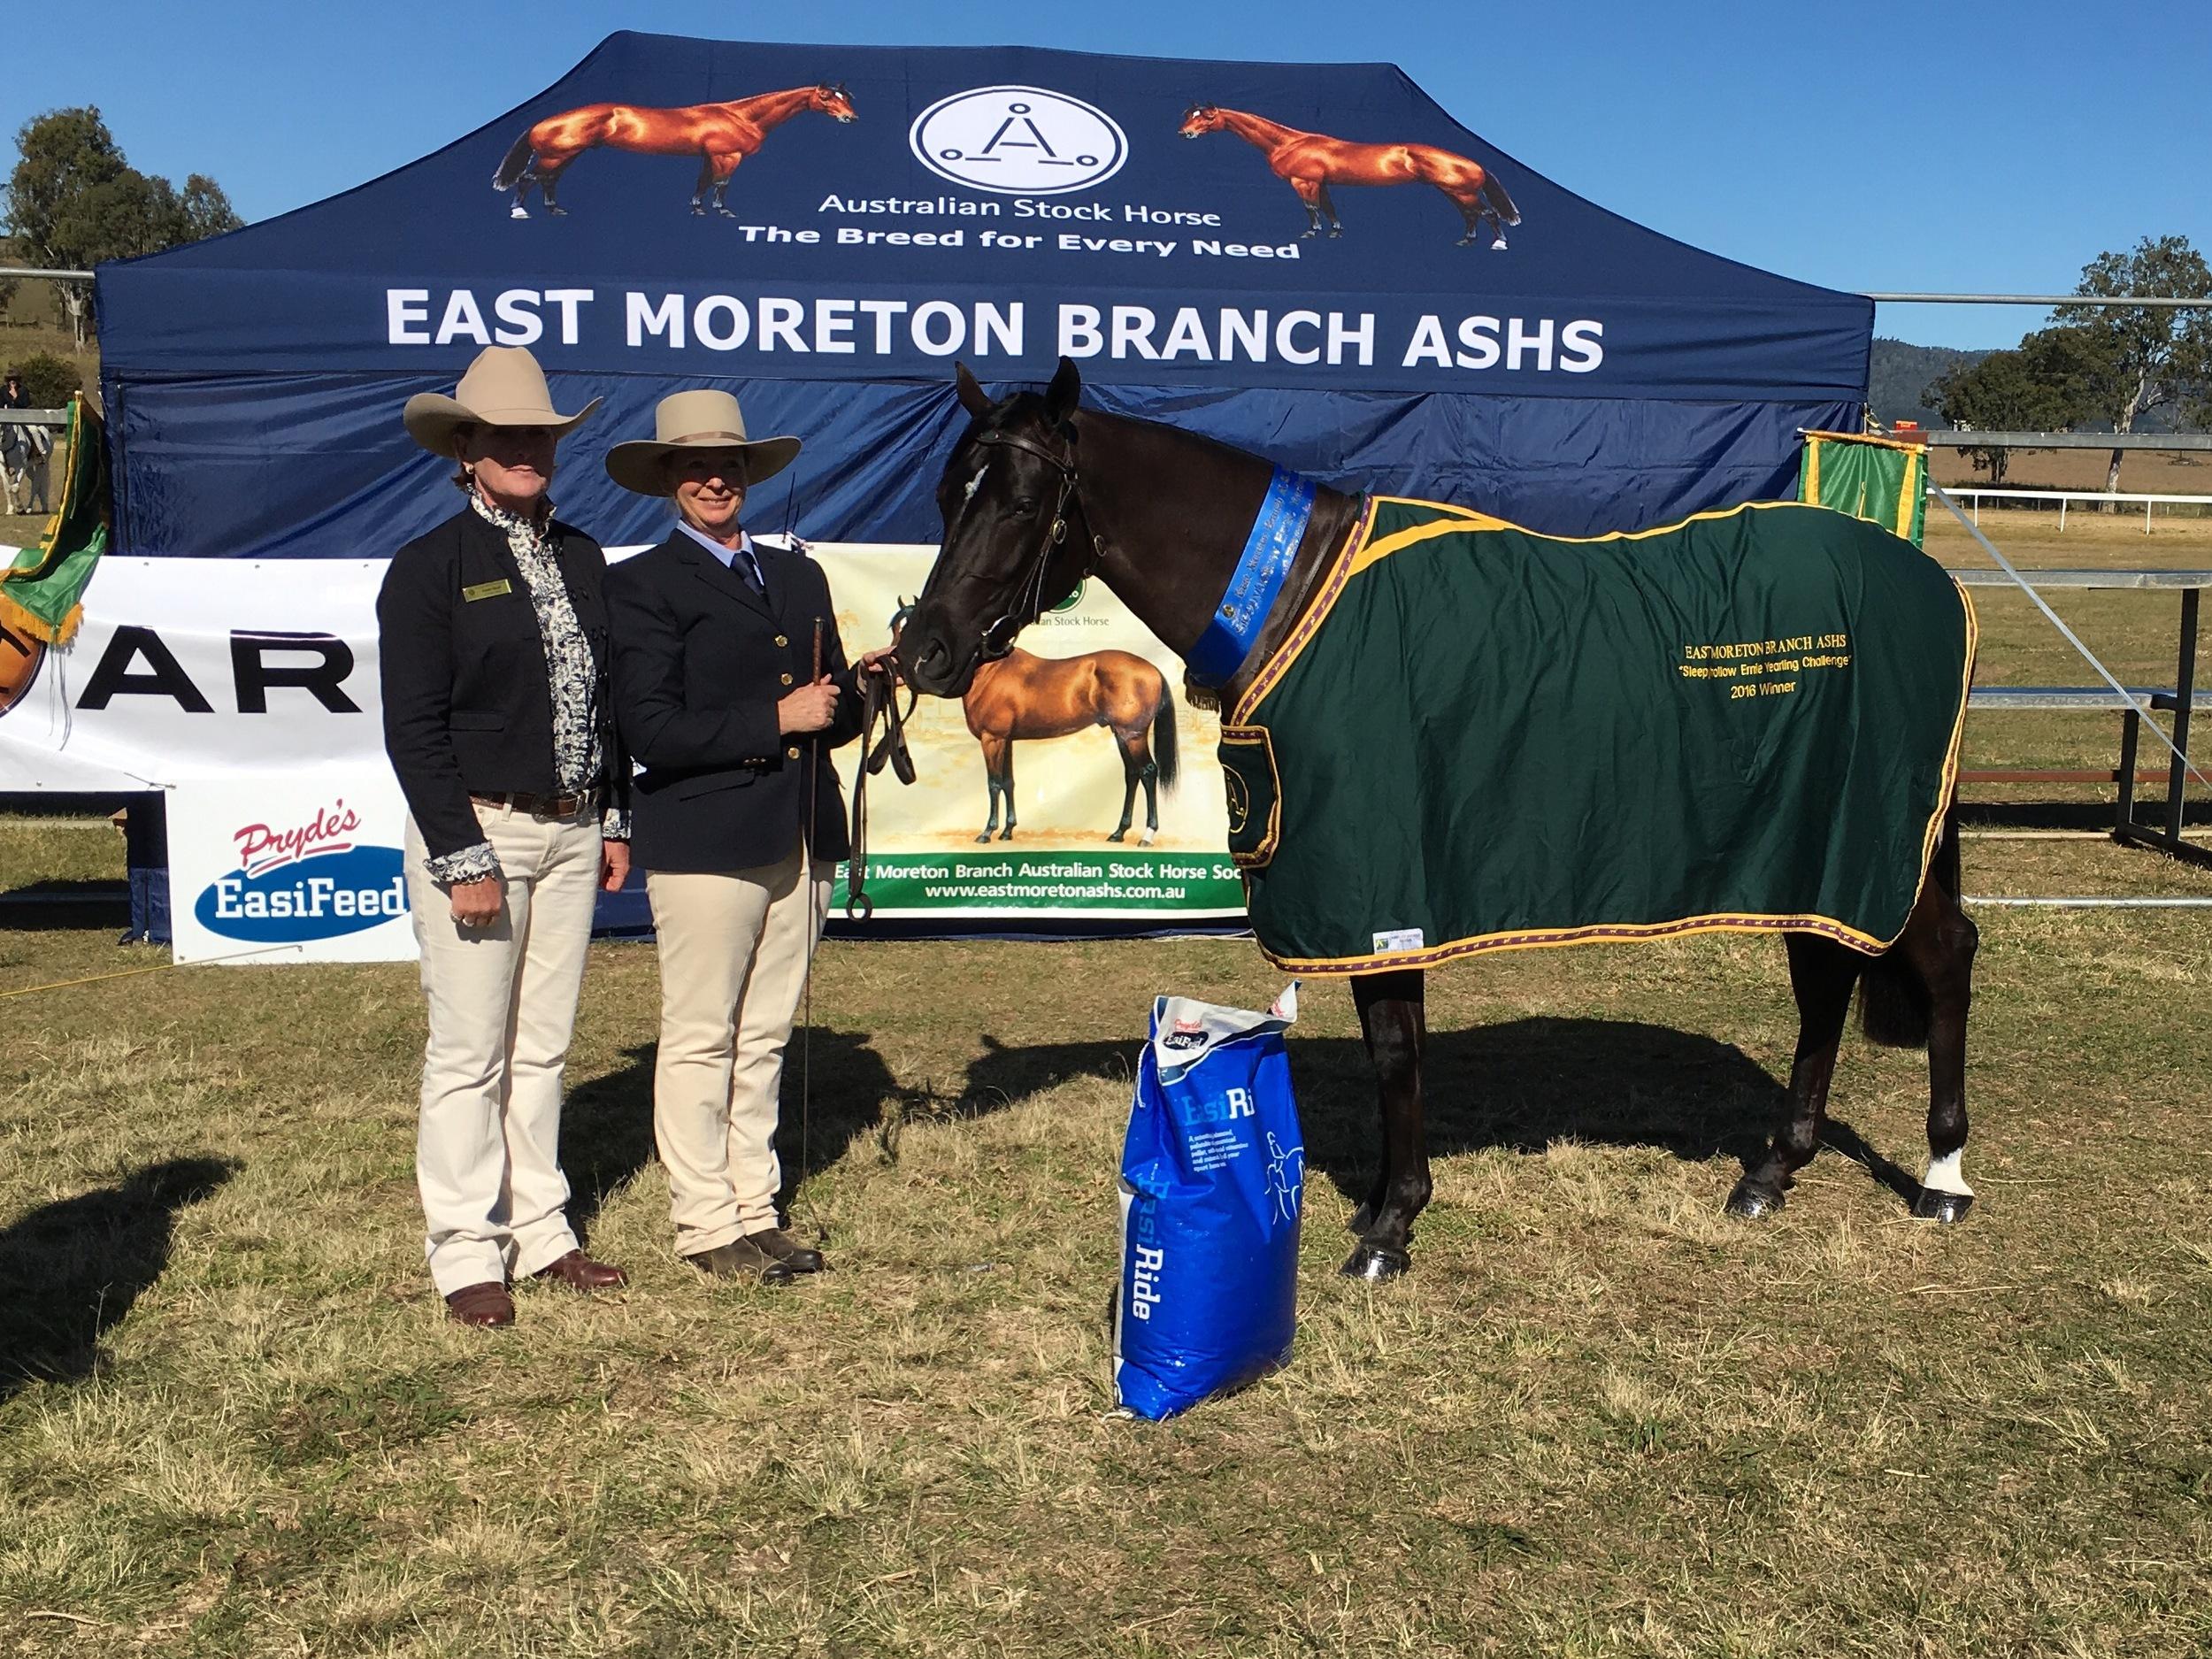 Stock Horse - East Moreton Branch ASHS